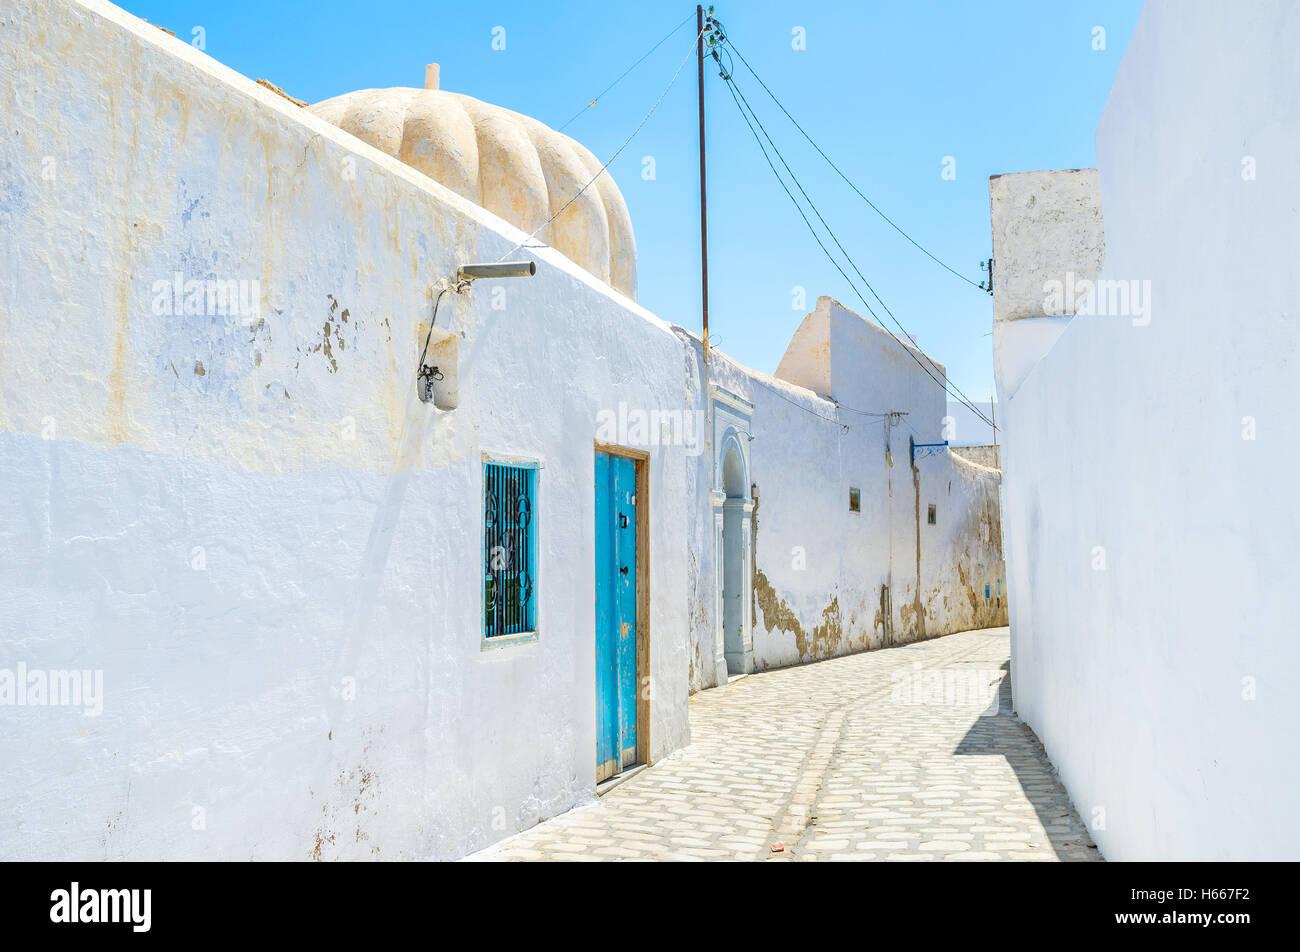 Die öffentliche Bäder (Hamam) befindet sich in Medina von Kairouan, Tunesien. Stockbild